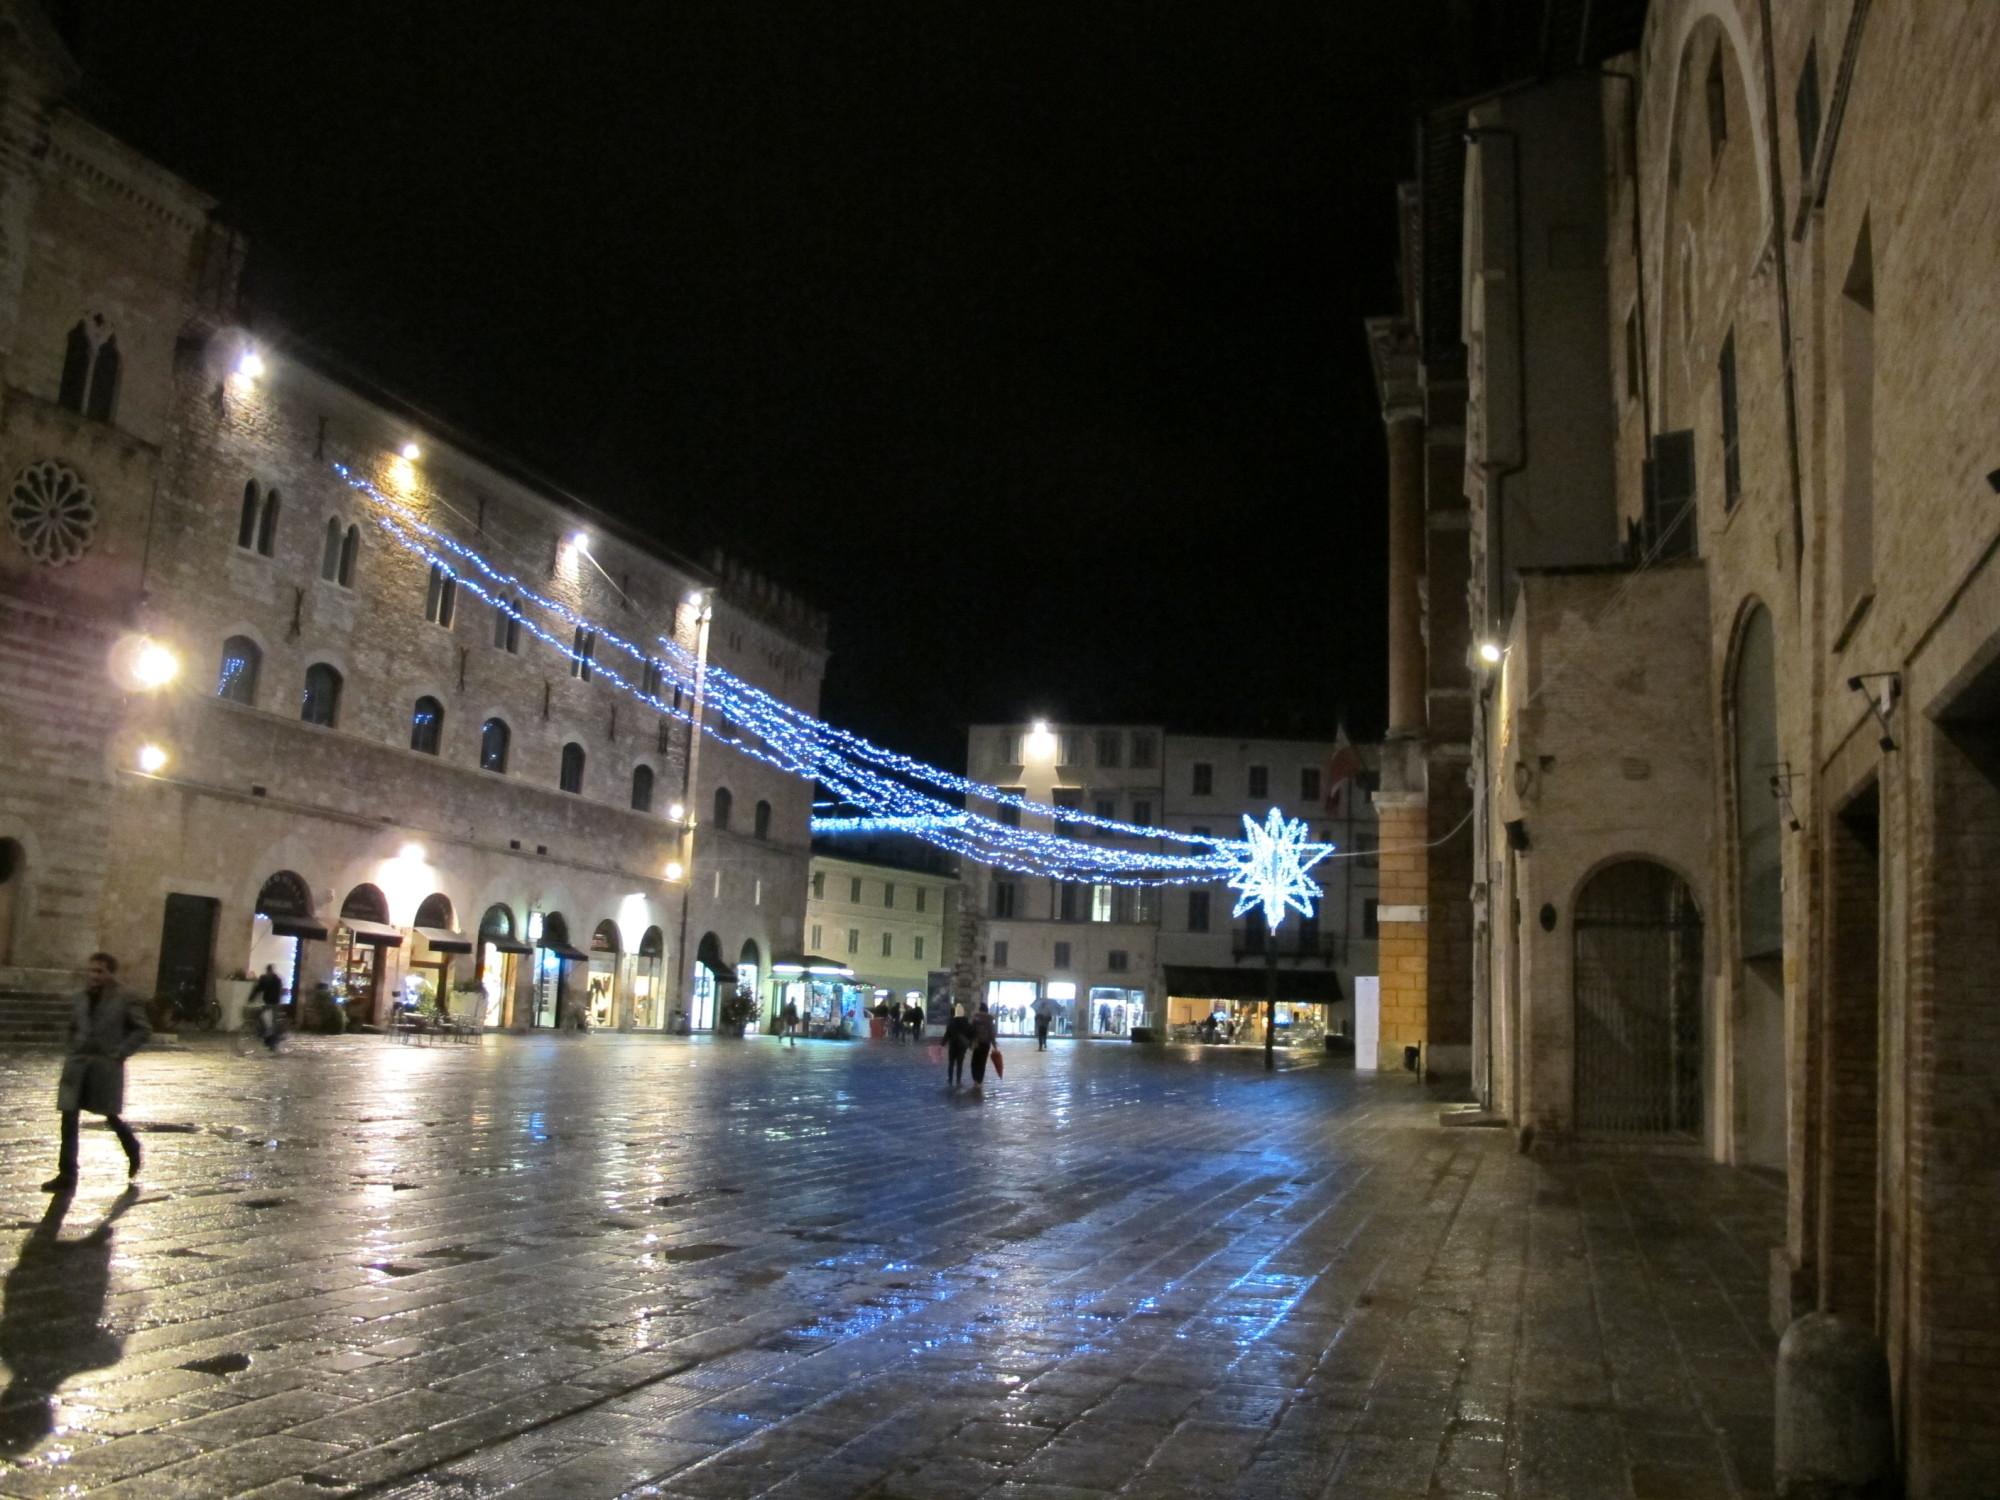 """Foligno, piazza della repubblica 02"""" di I, Sailko. Con licenza CC BY-SA 3.0 tramite Wikimedia Commons"""